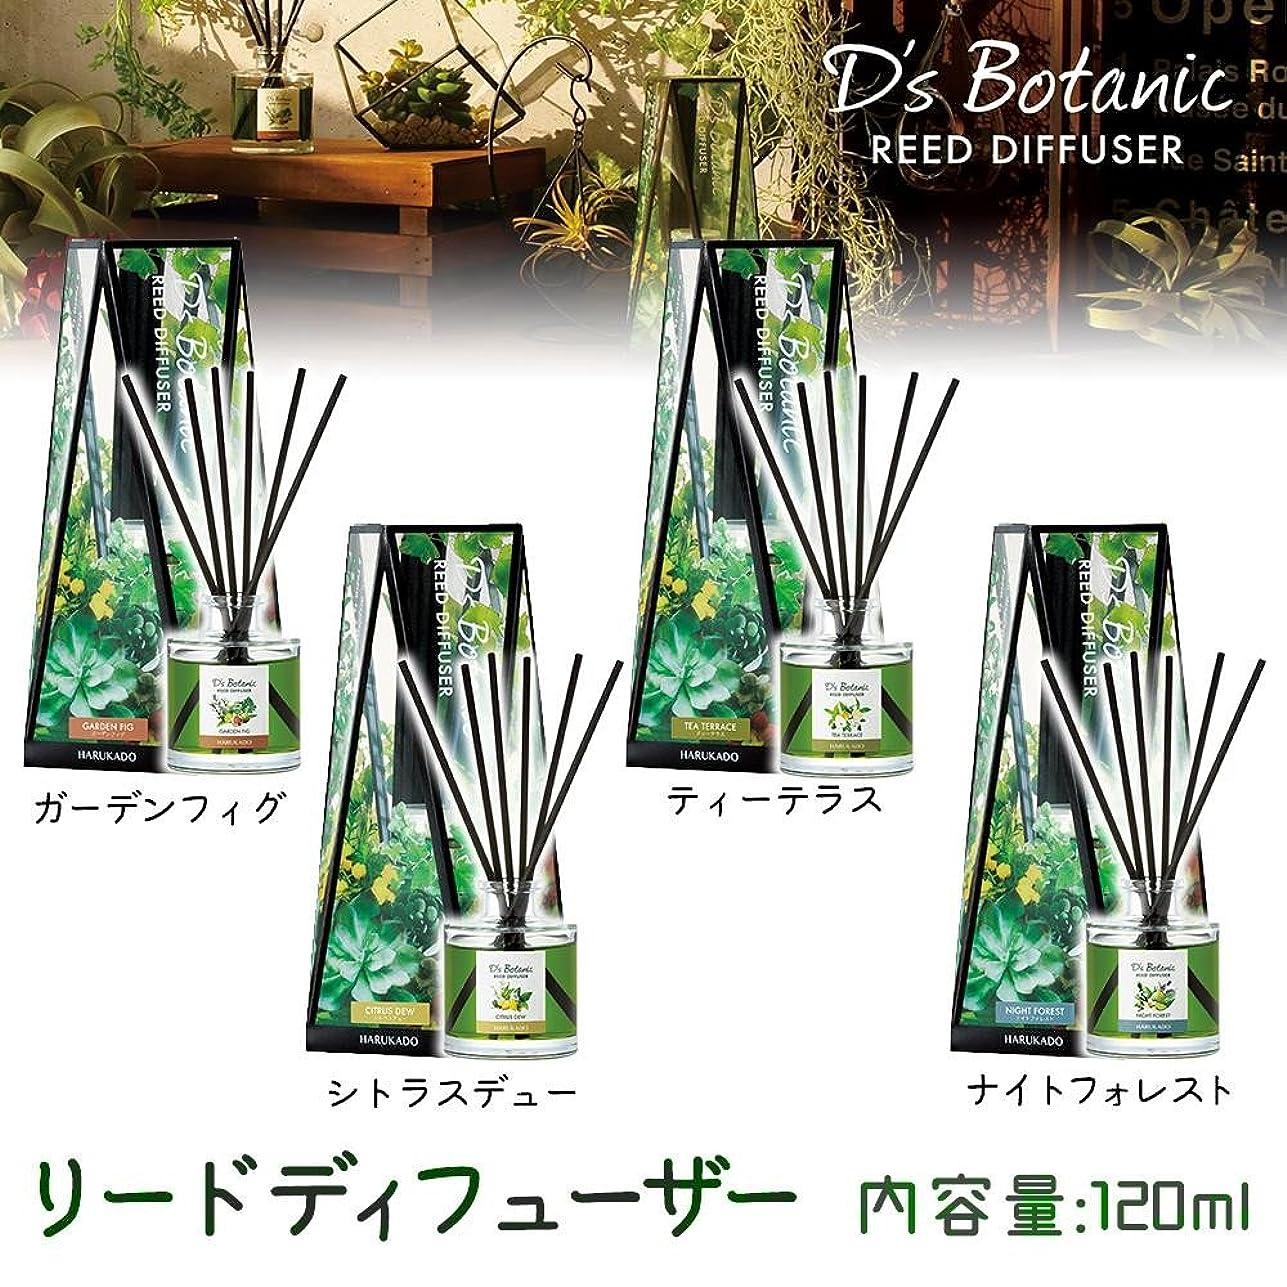 ブレイズバター分D'S Botanic(デイズボタニック) リードディフューザー ルームフレグランス 120ml ガーデンフィグ?6228【人気 おすすめ 】